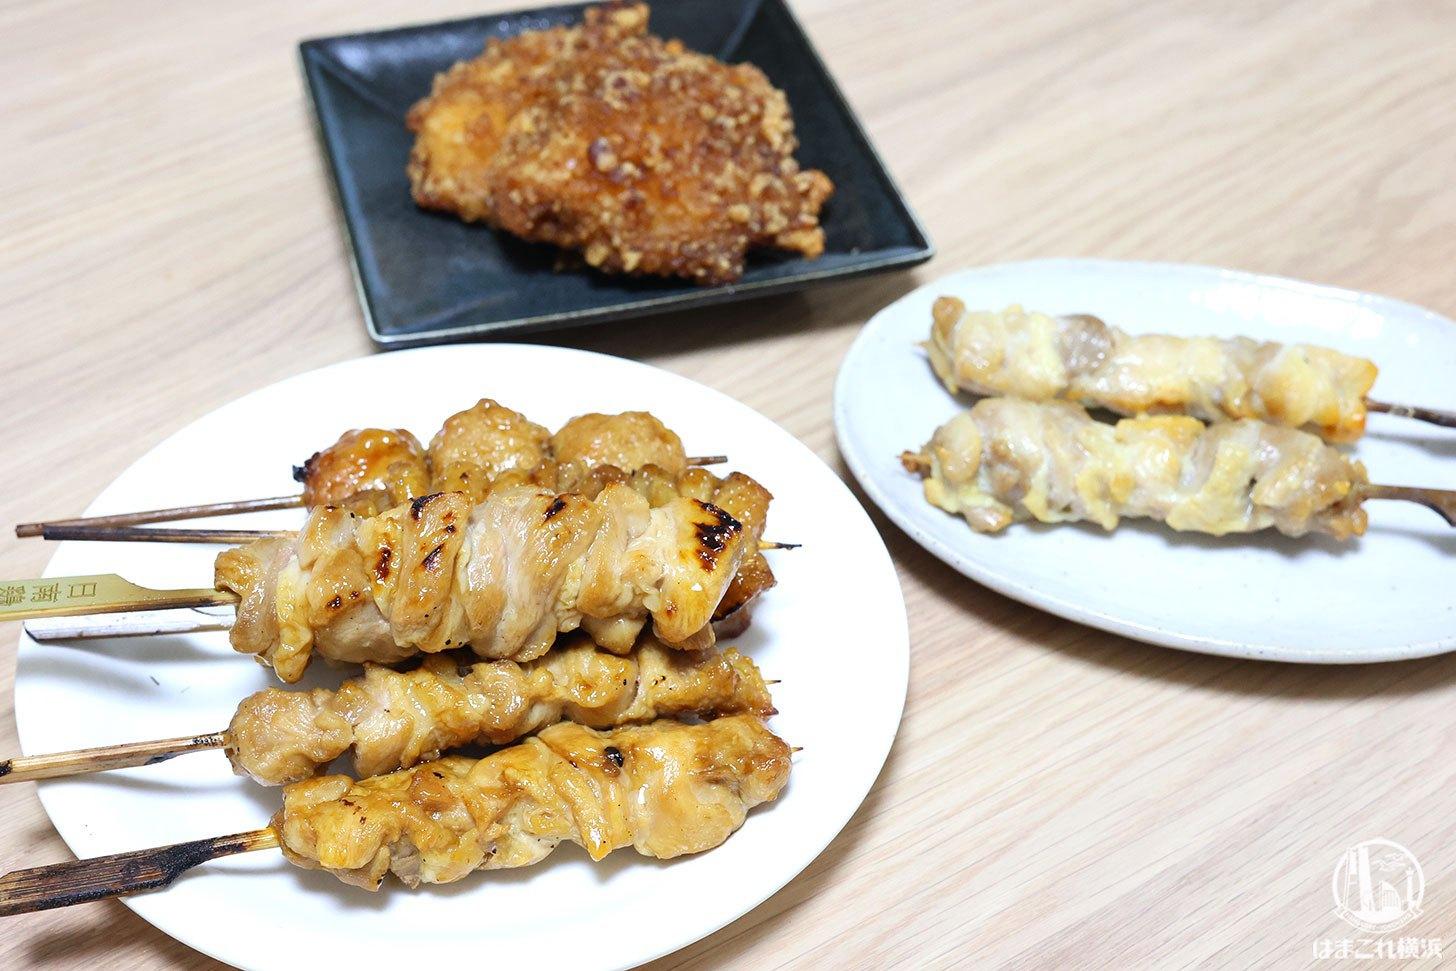 老舗鶏肉専門店「梅や」テイクアウトした焼き鳥と唐揚げ